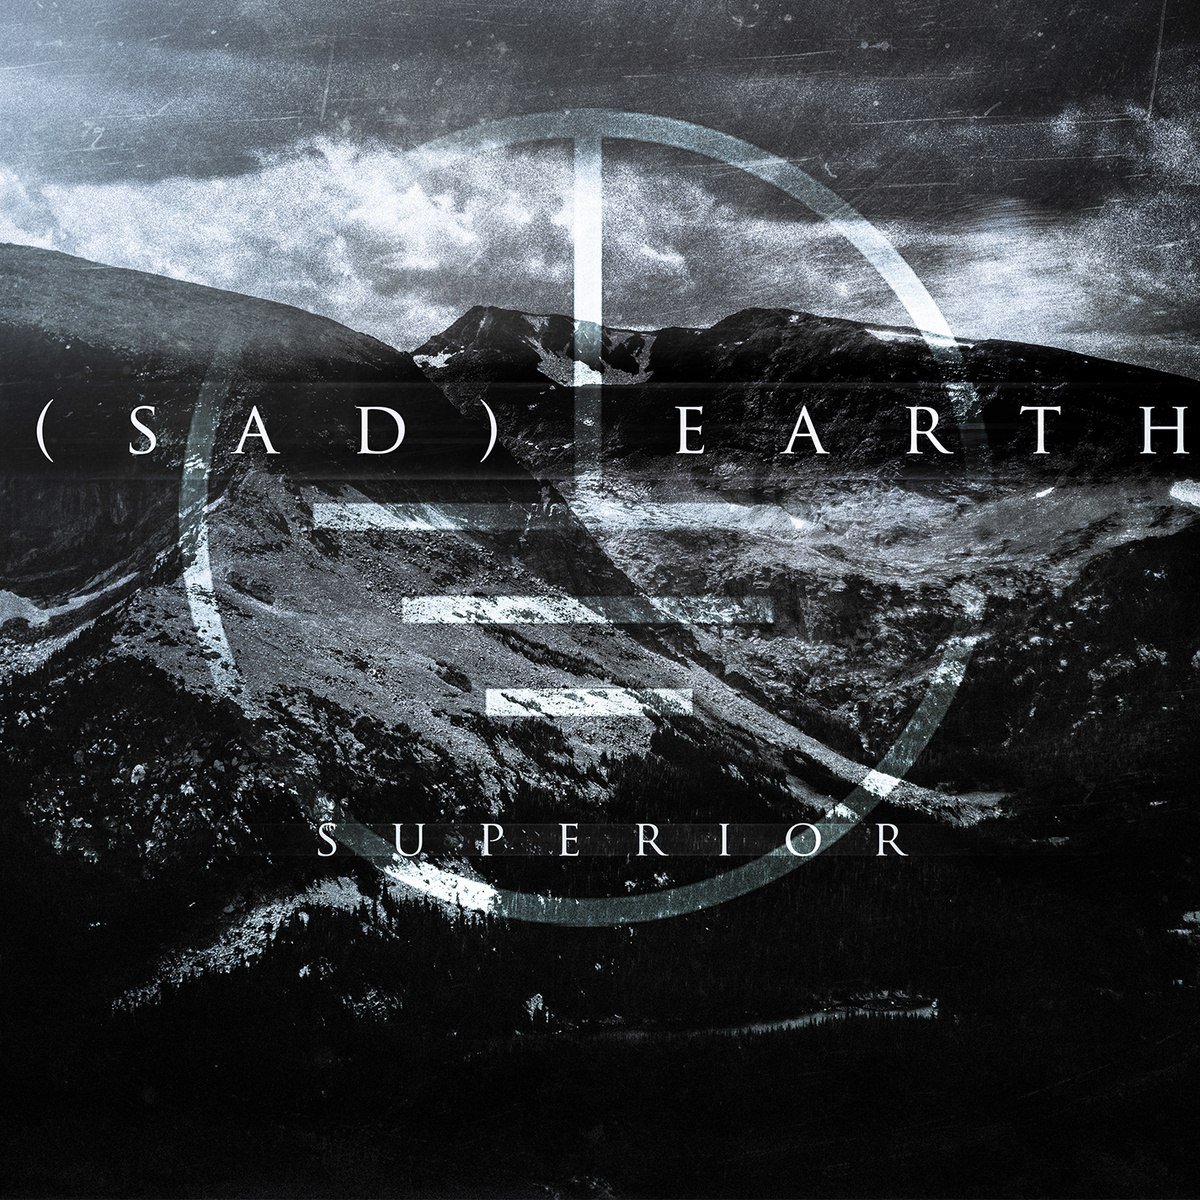 Superior - (Sad) Earth (2015)